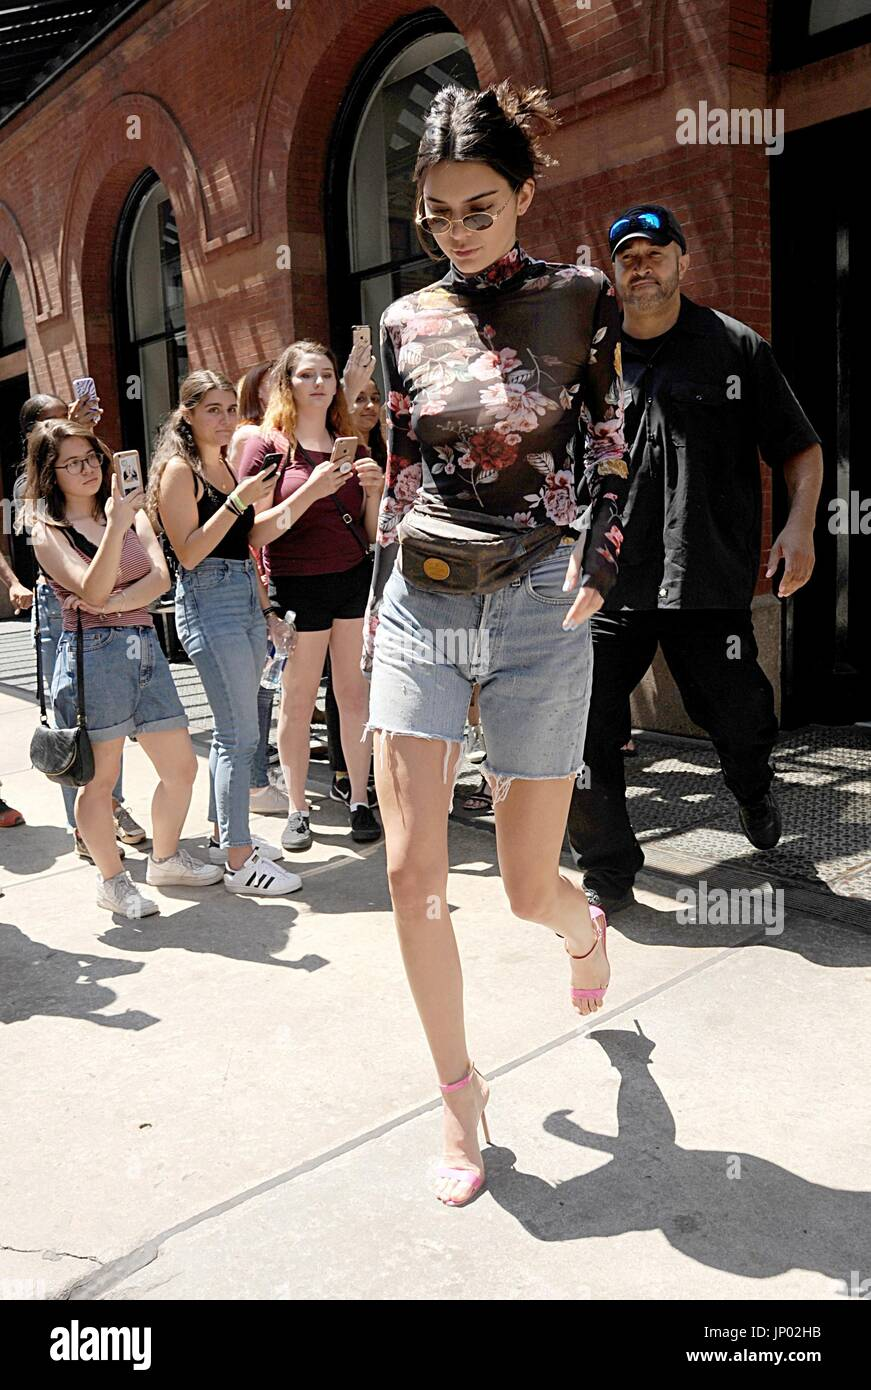 Nueva York, NY, EUA. El 31 de julio, 2017. Kendall Jenner y acerca del Celebrity Candids - MON, Nueva York, NY el 31 de julio de 2017. Crédito: Kristin Callahan/Everett Collection/Alamy Live News Imagen De Stock